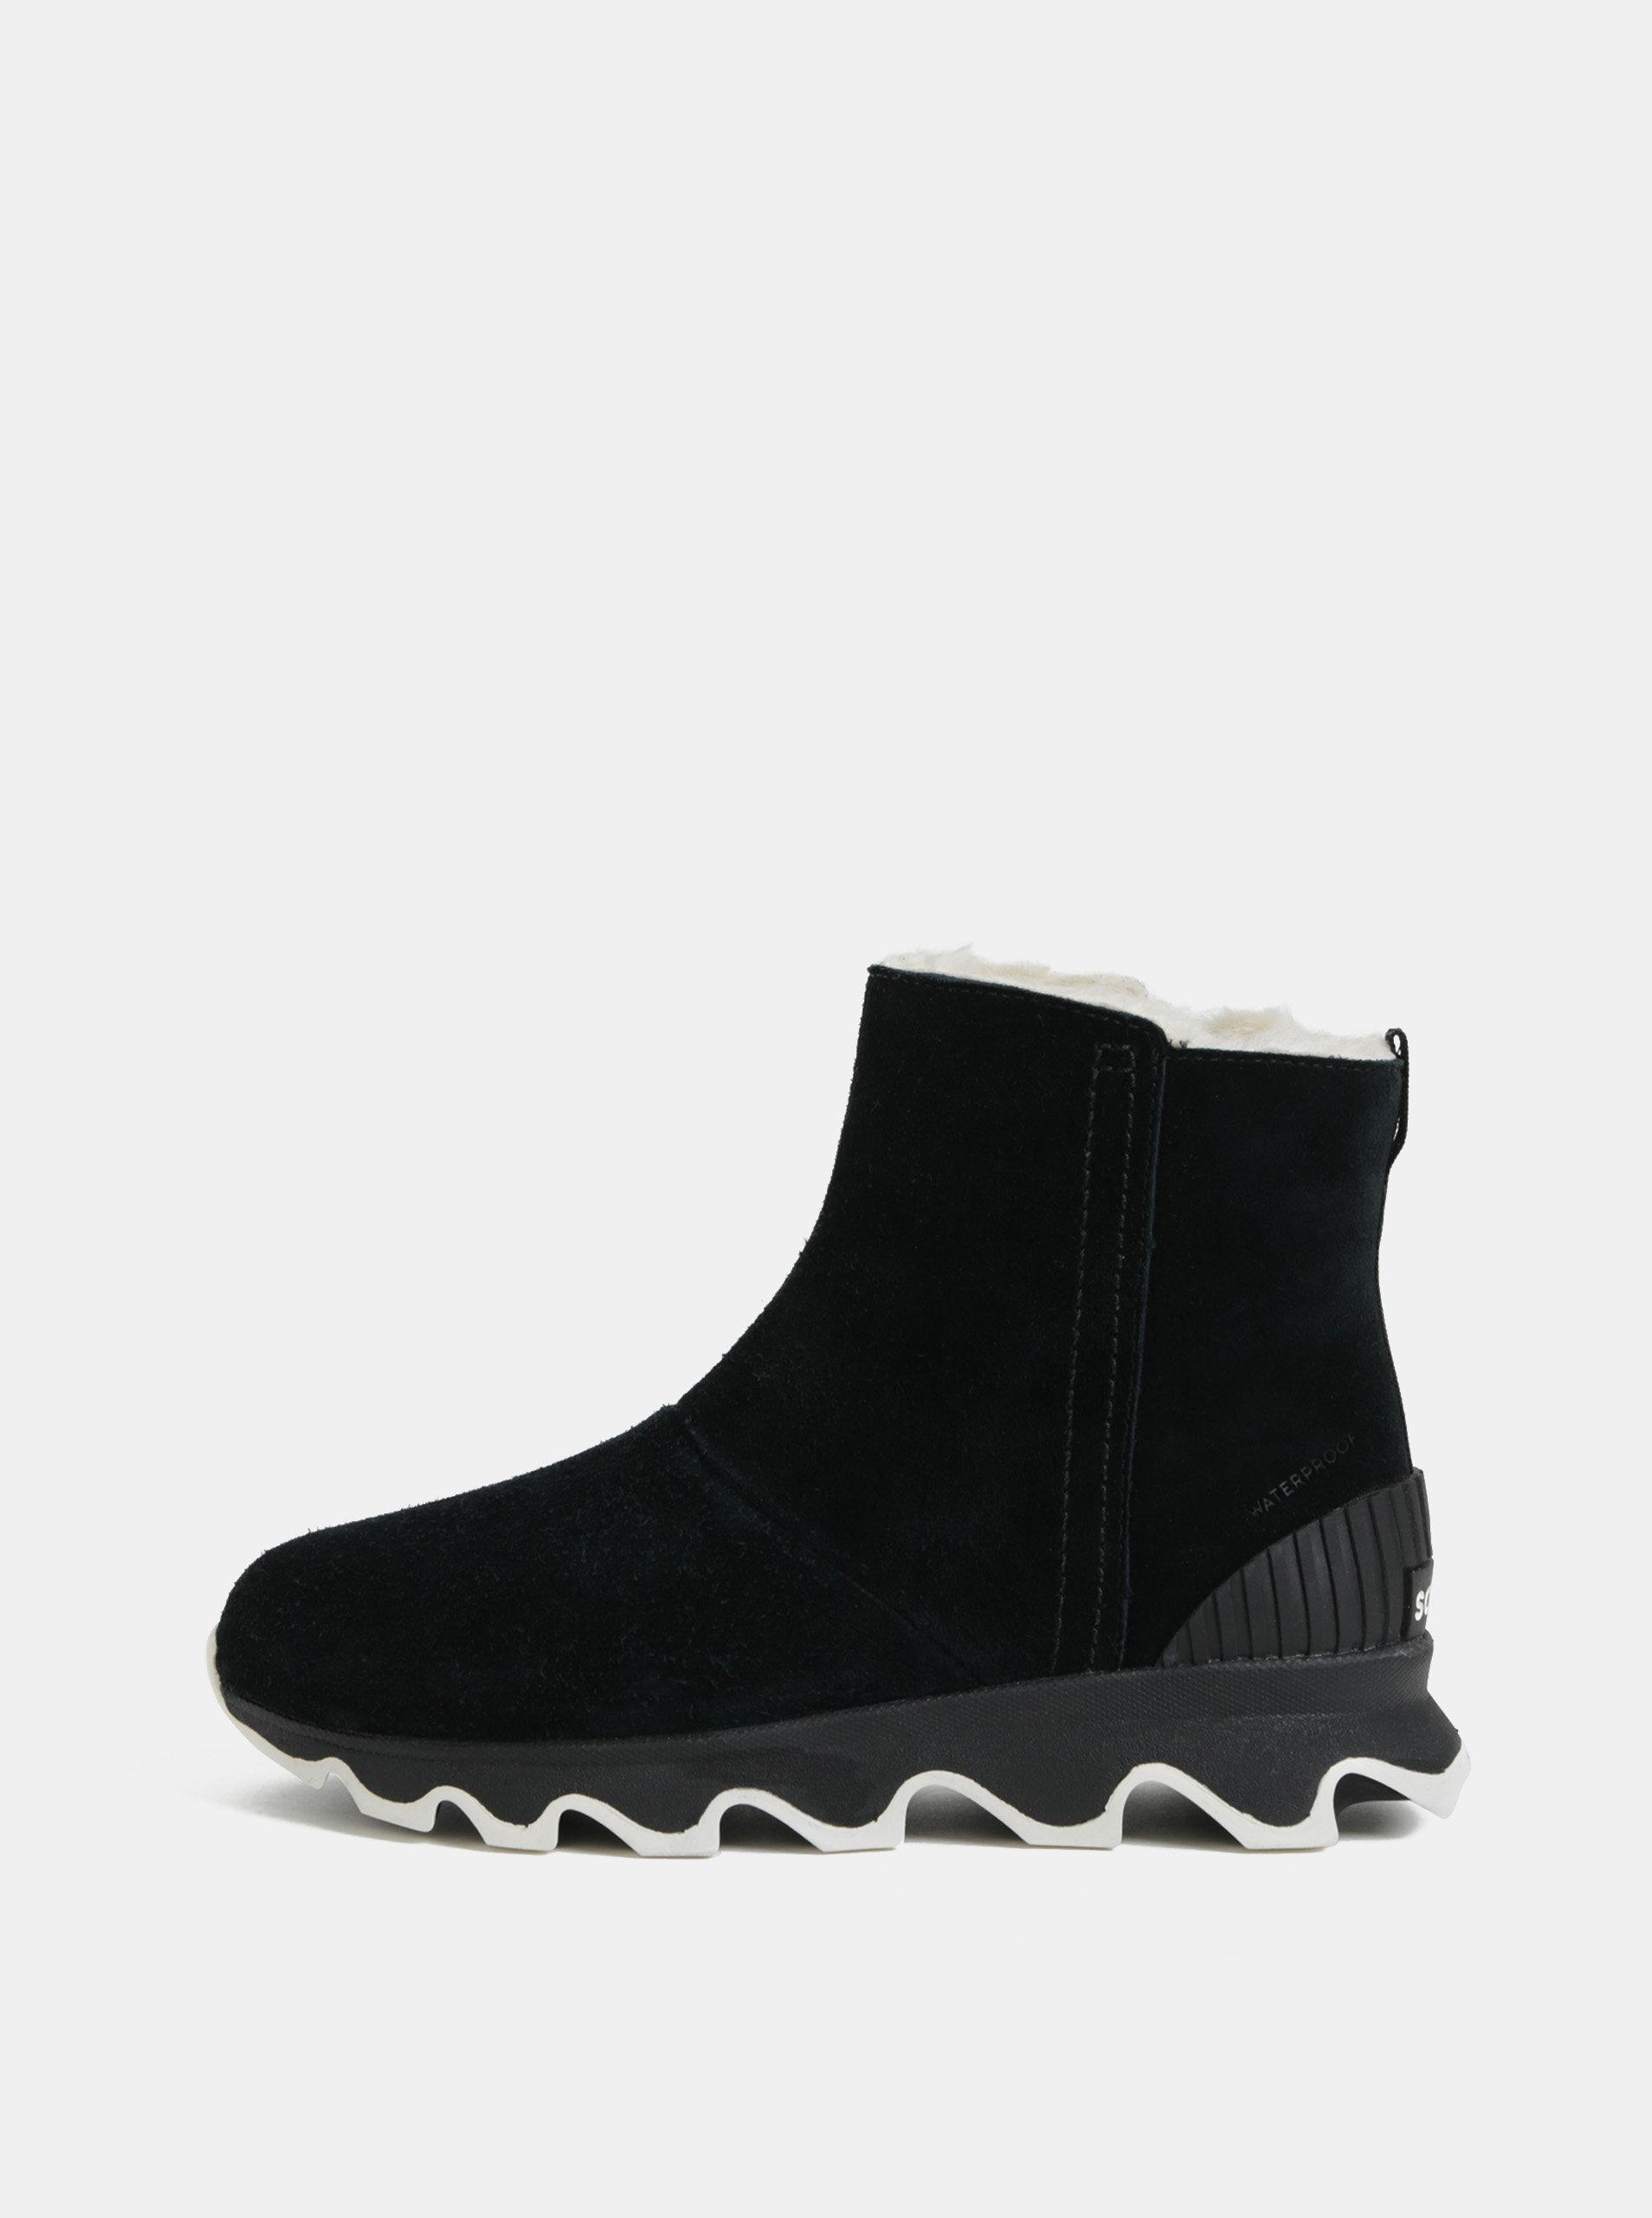 9fa4f584a654 Čierne dámske zimné členkové nepremokavé topánky v semišovej úprave SOREL  Kinetic ...